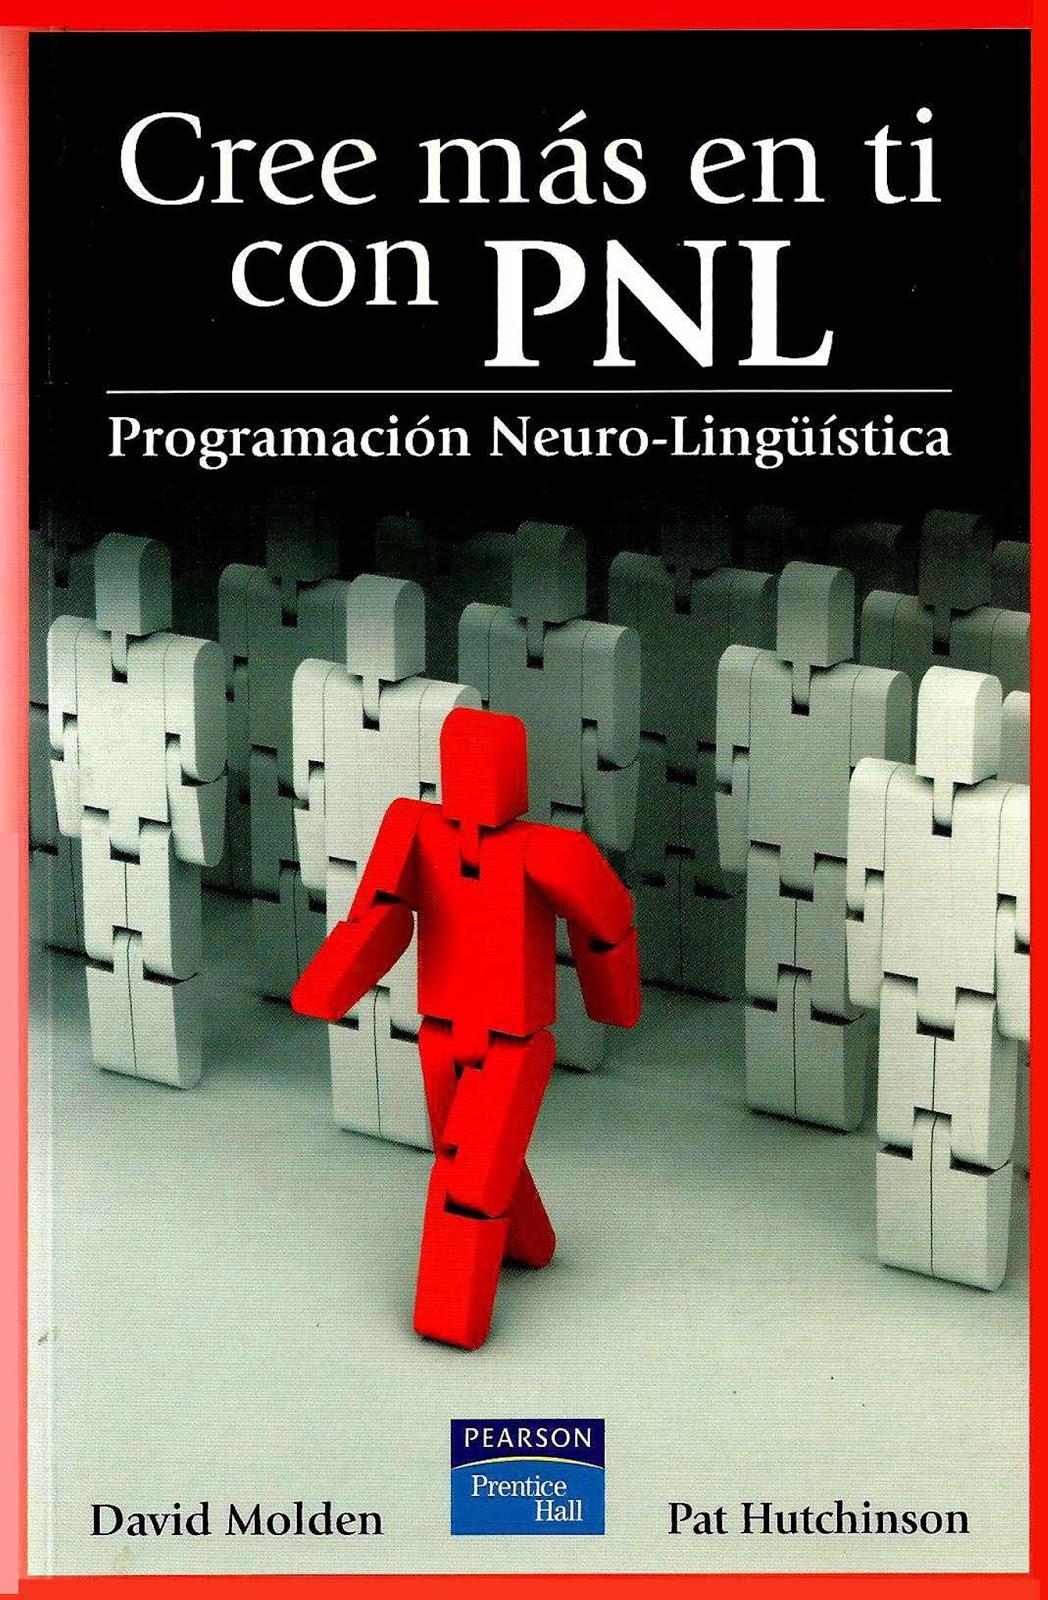 Cree más en ti con PNL: Programación Neuro-Lingüística – David Molden